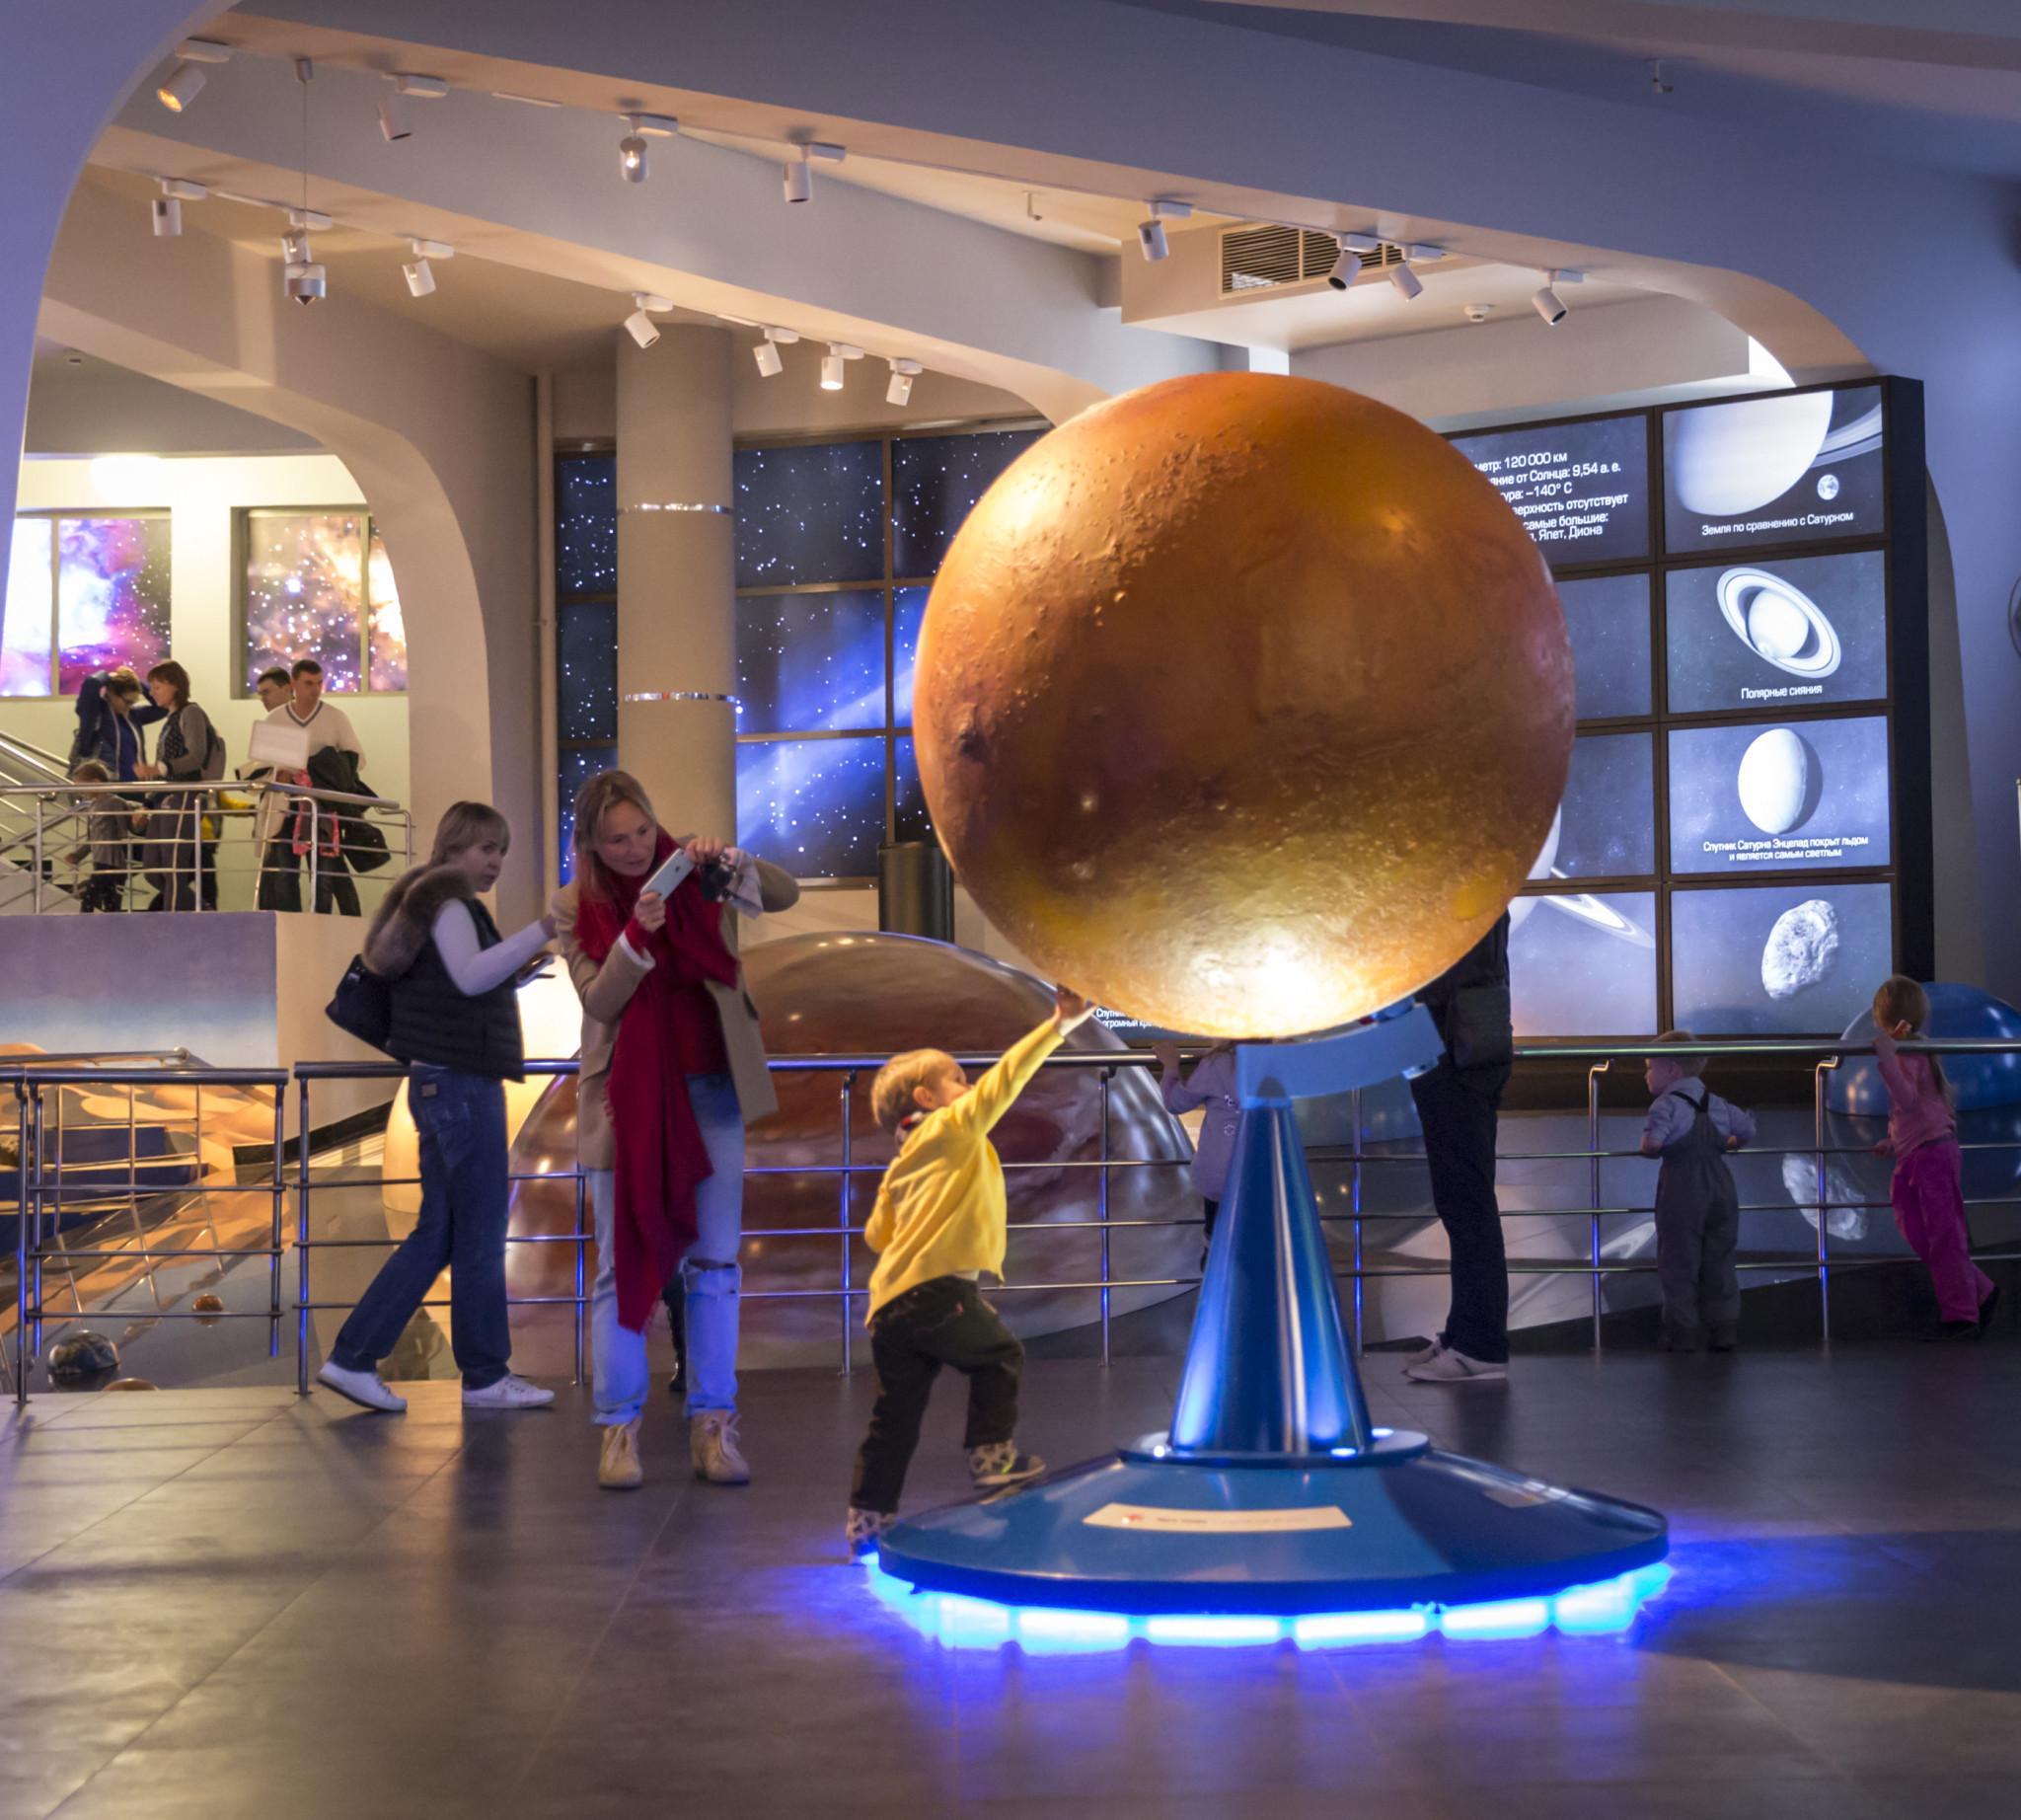 День космонавтики: куда сходить полюбоваться звездами?